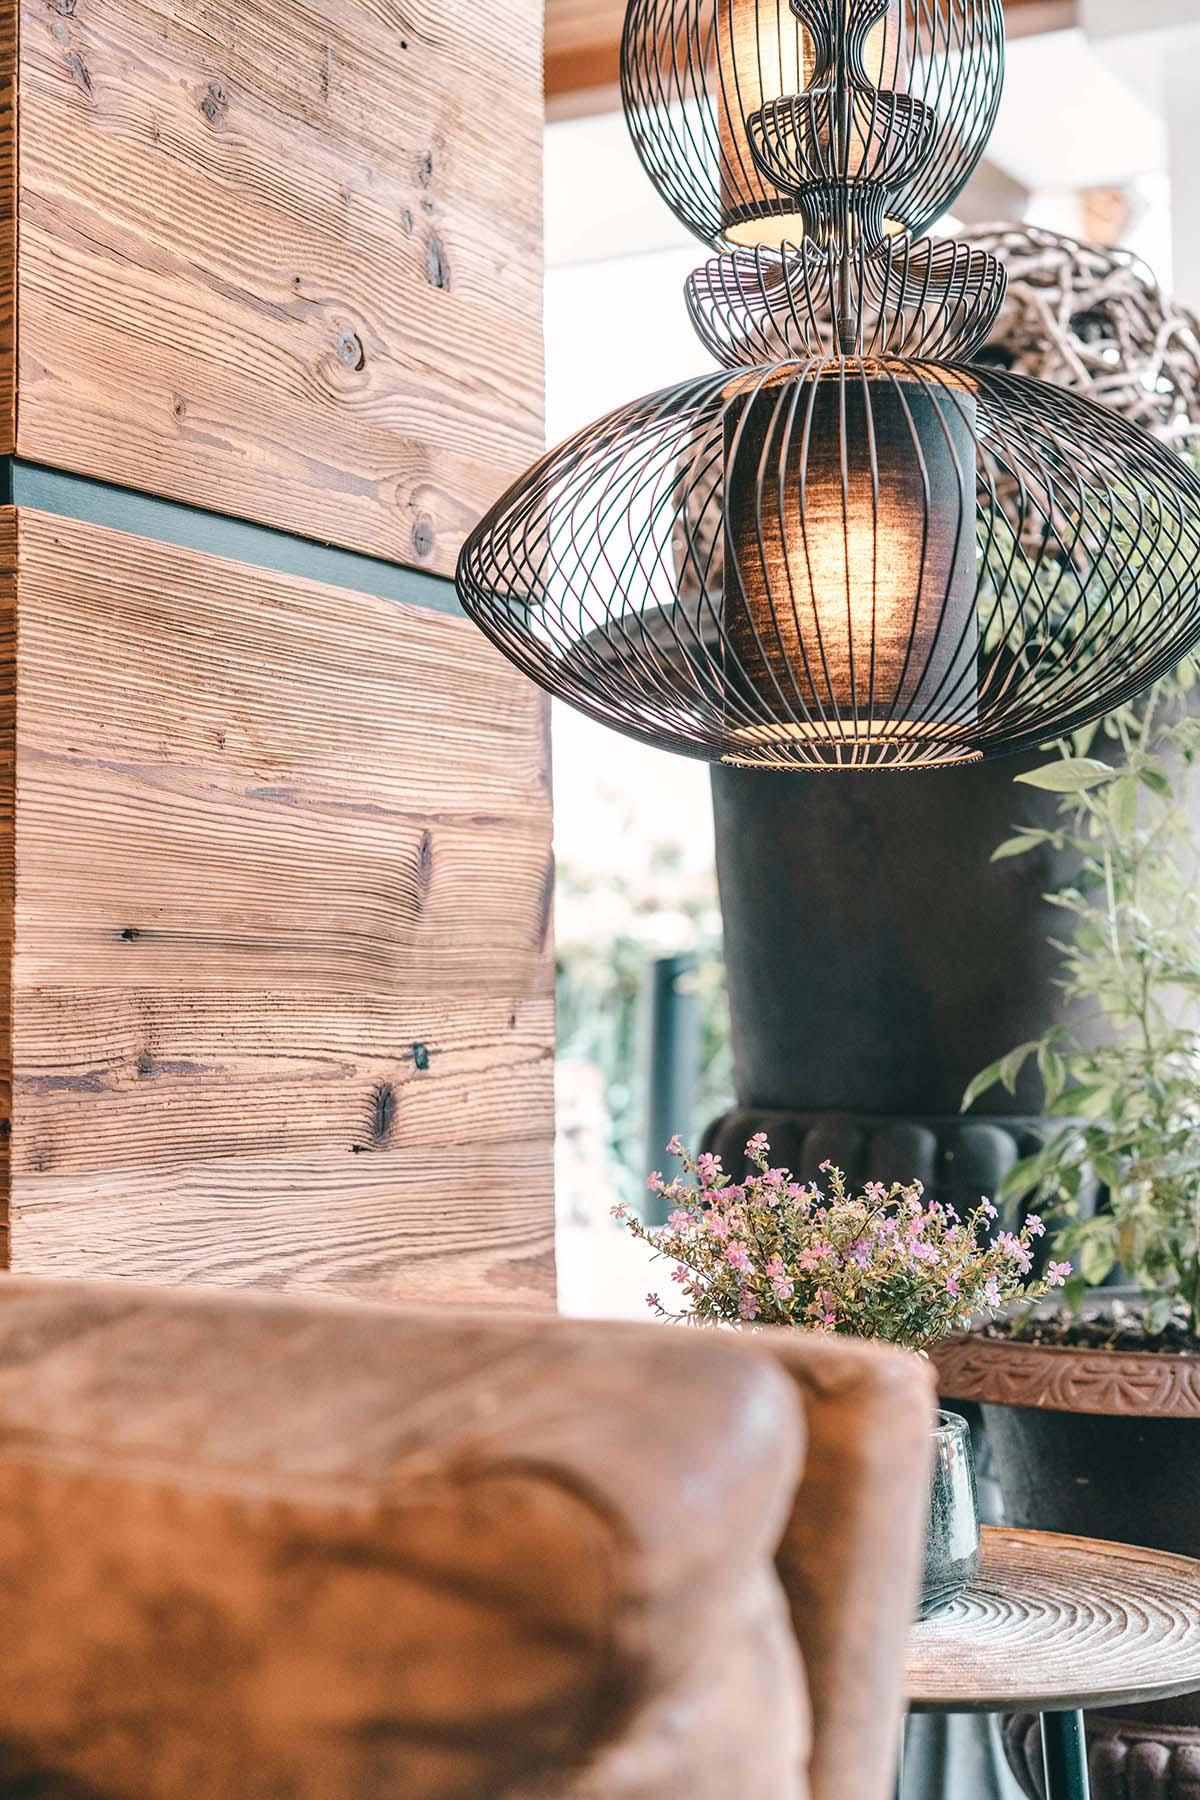 wellnesshotel-bayerwaldhof-lampe